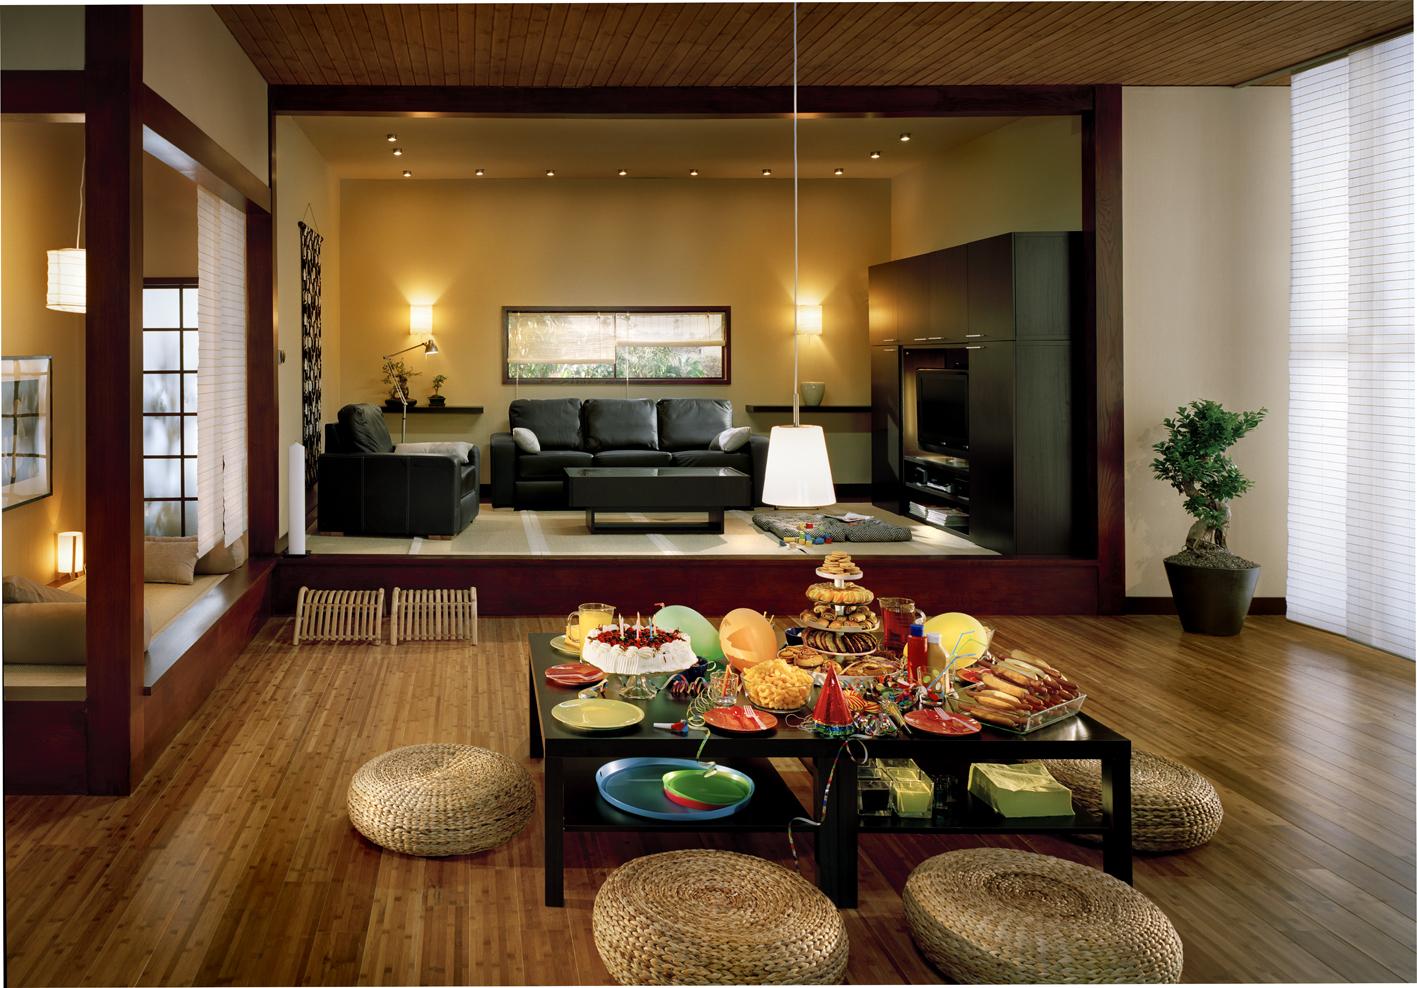 Основой японского интерьера являются лаконичность, простота, прямые и четкие линии и углы, много свободного пространства.